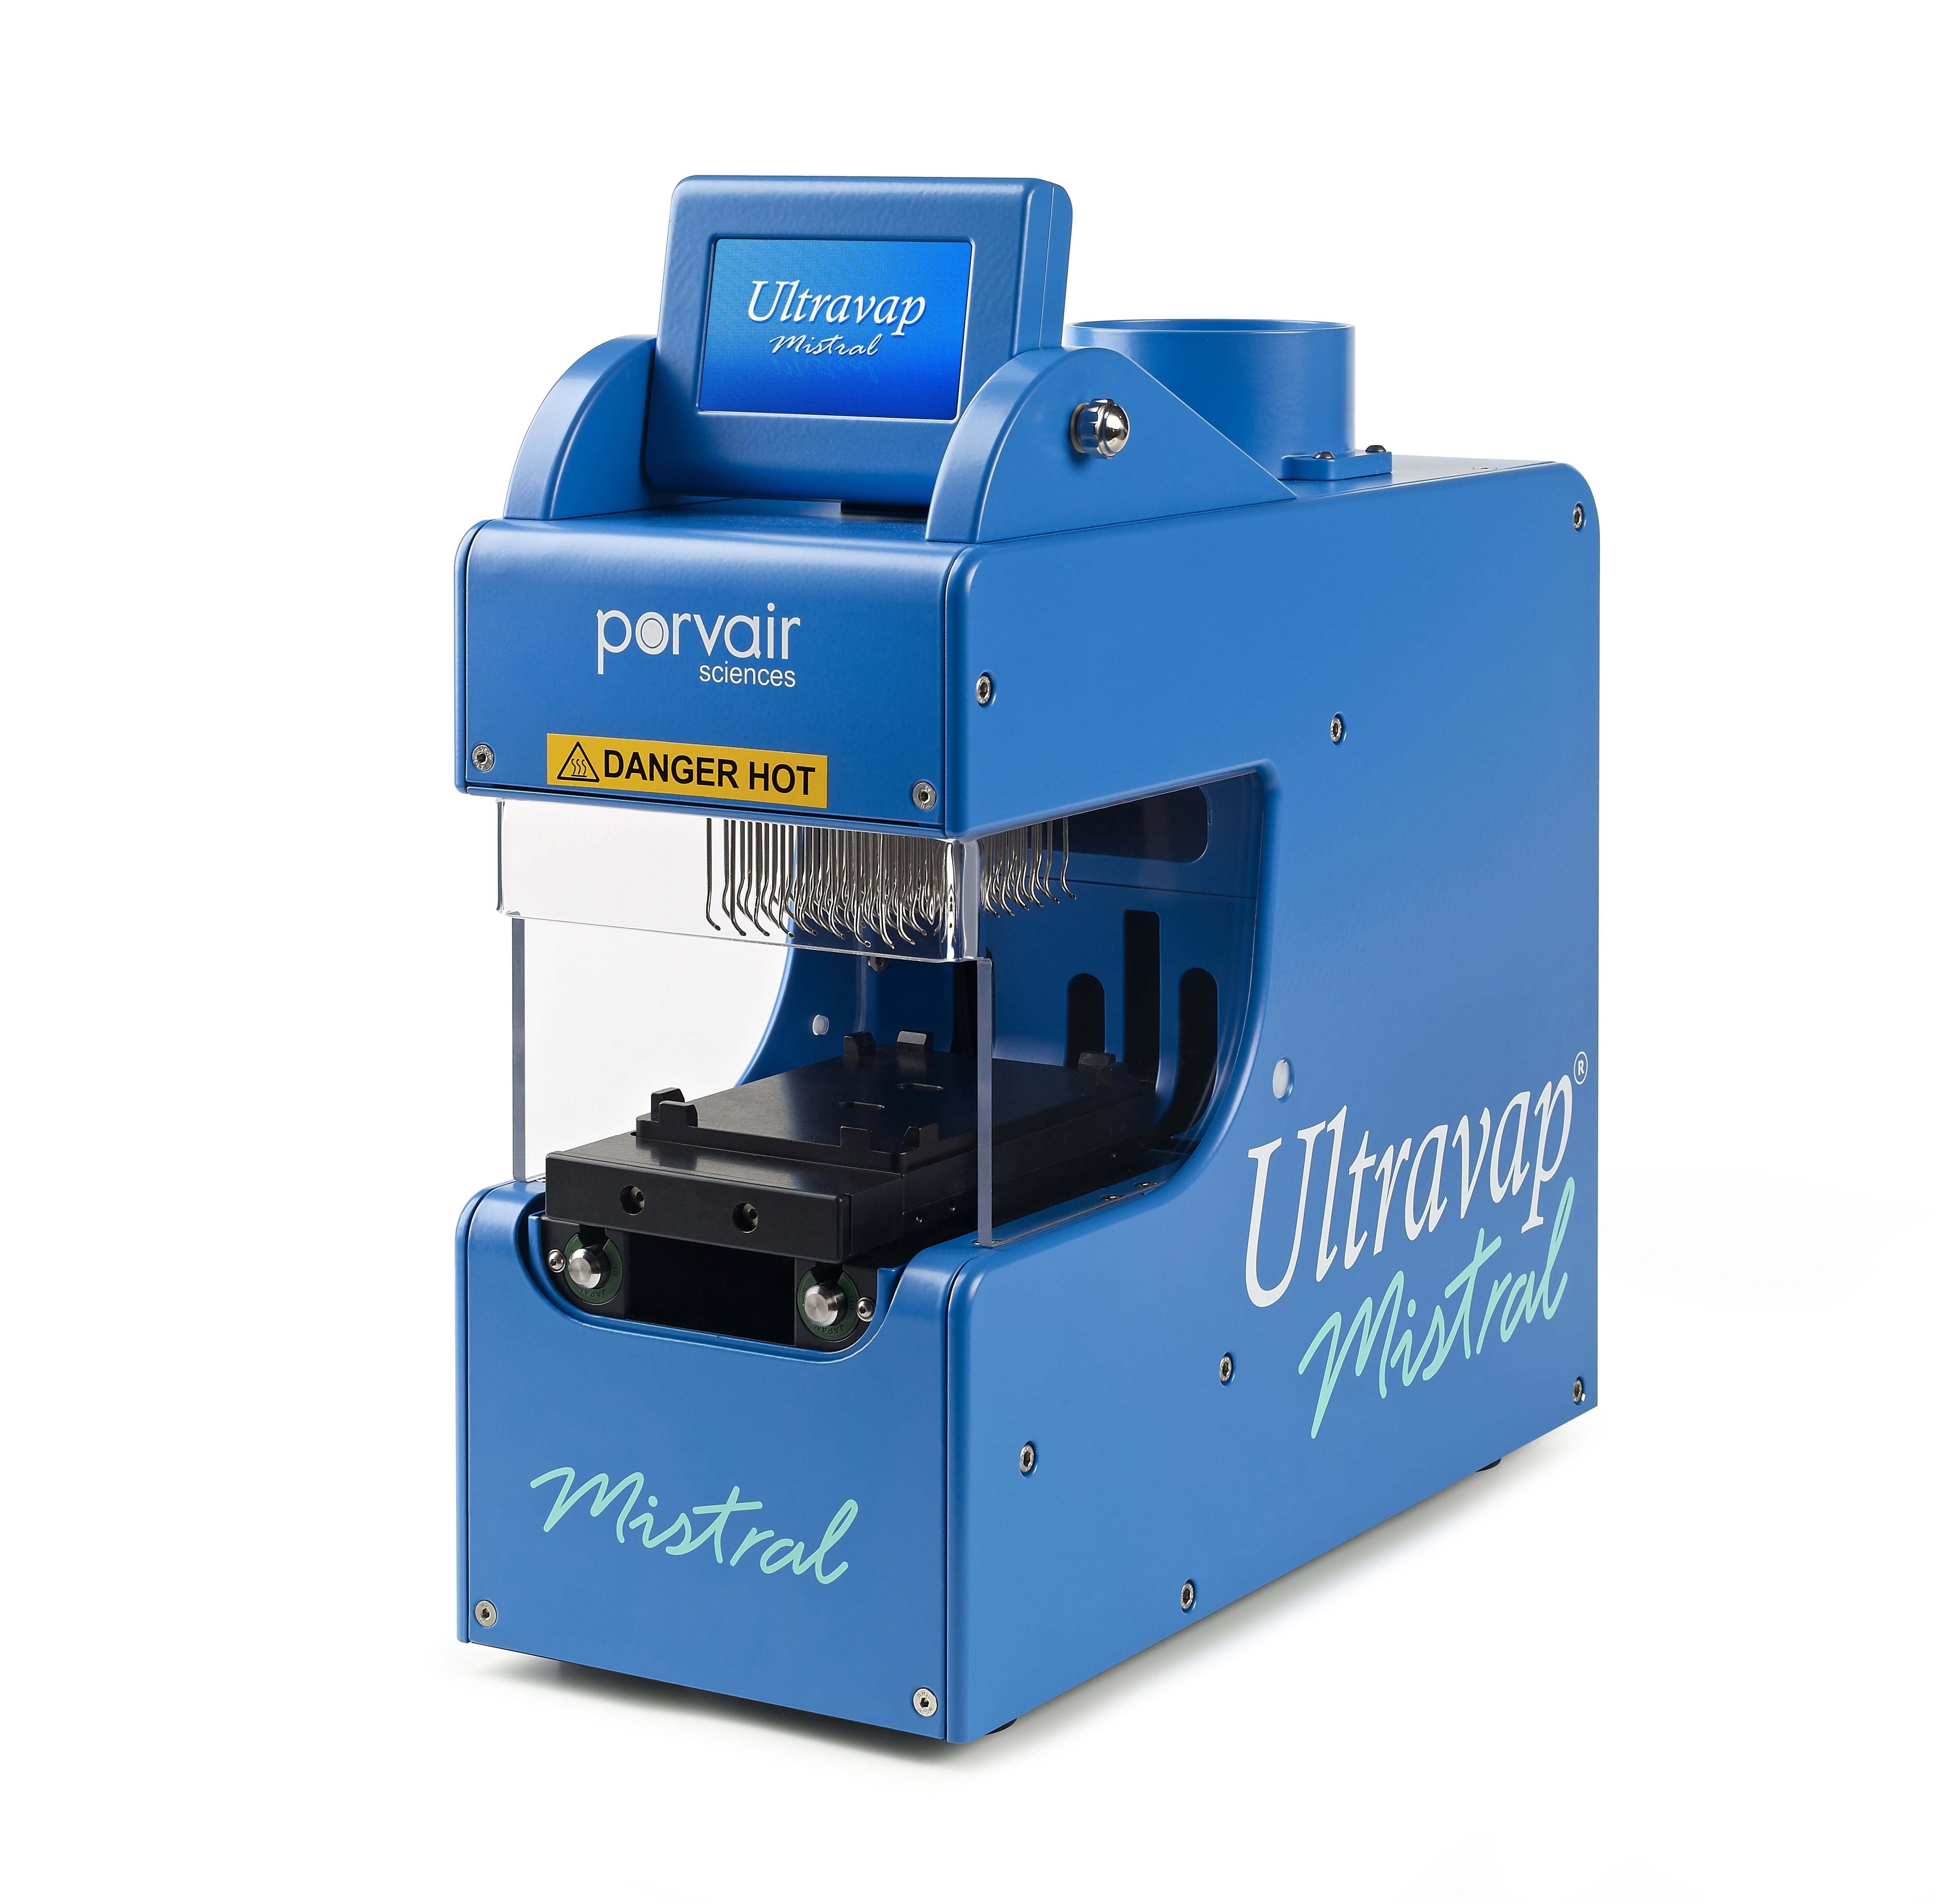 Di Ultravap del maestrale evaporatore compatibile di scarico del robot completamente senza testa del ago di stampa, 110/230V